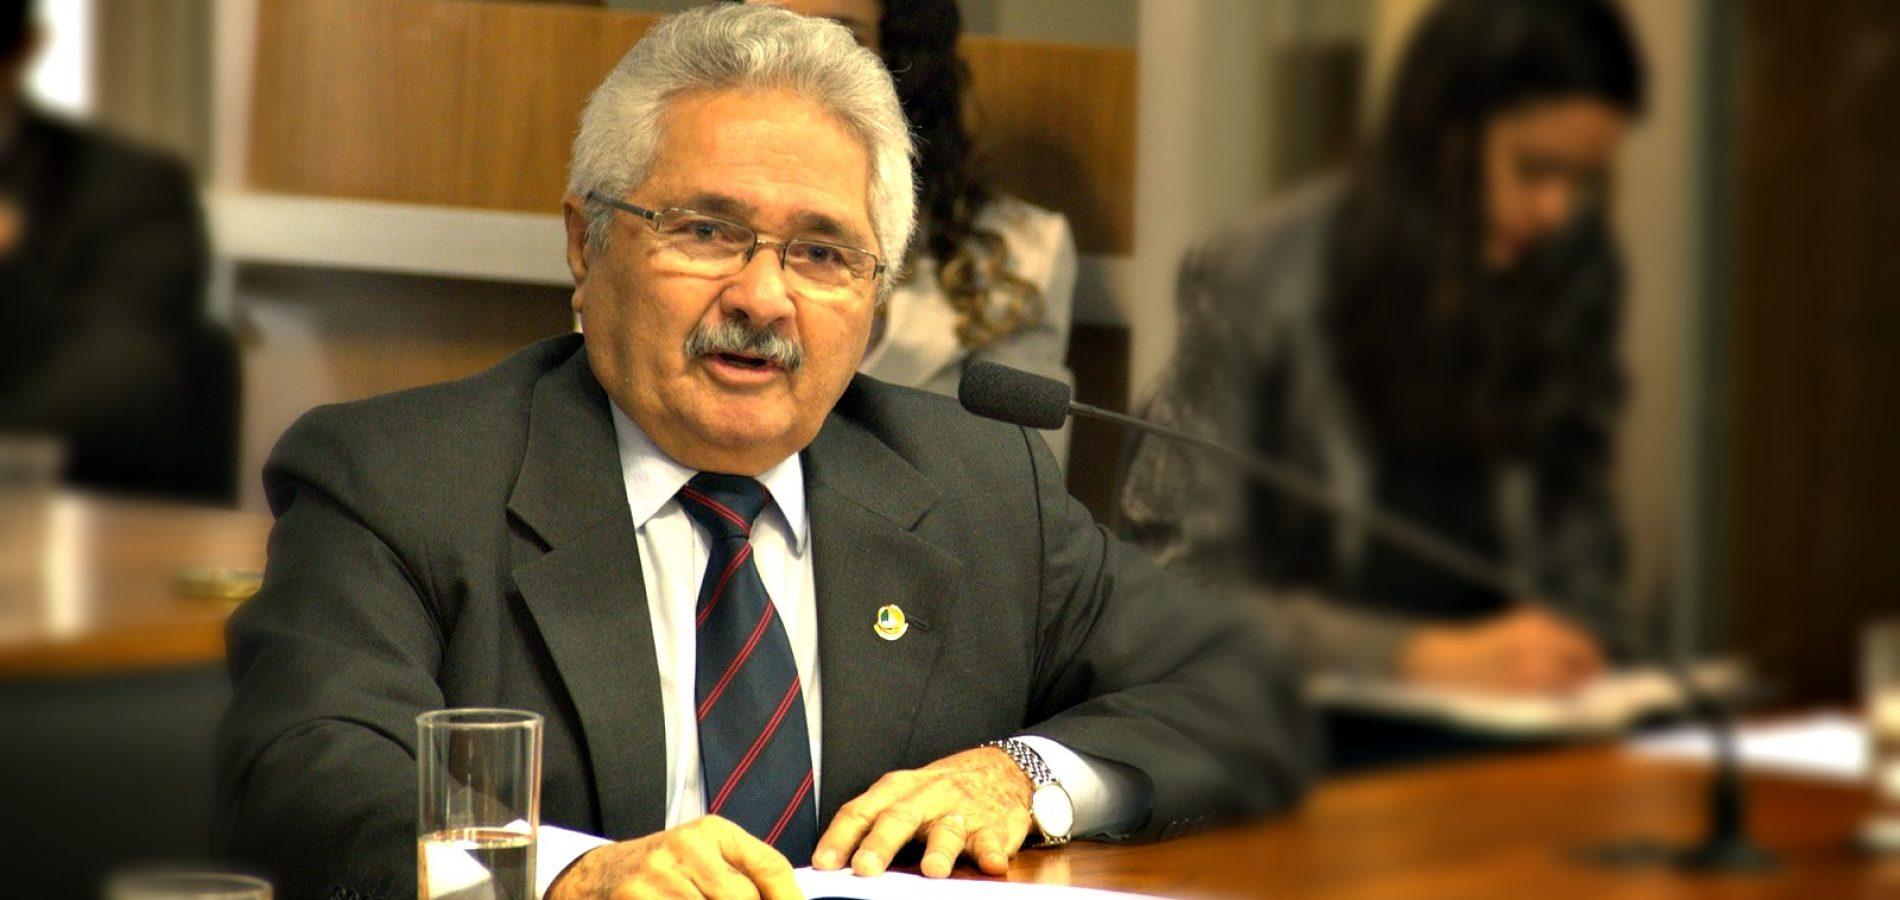 Elmano Férrer defende planejamento estratégico em segurança hídrica